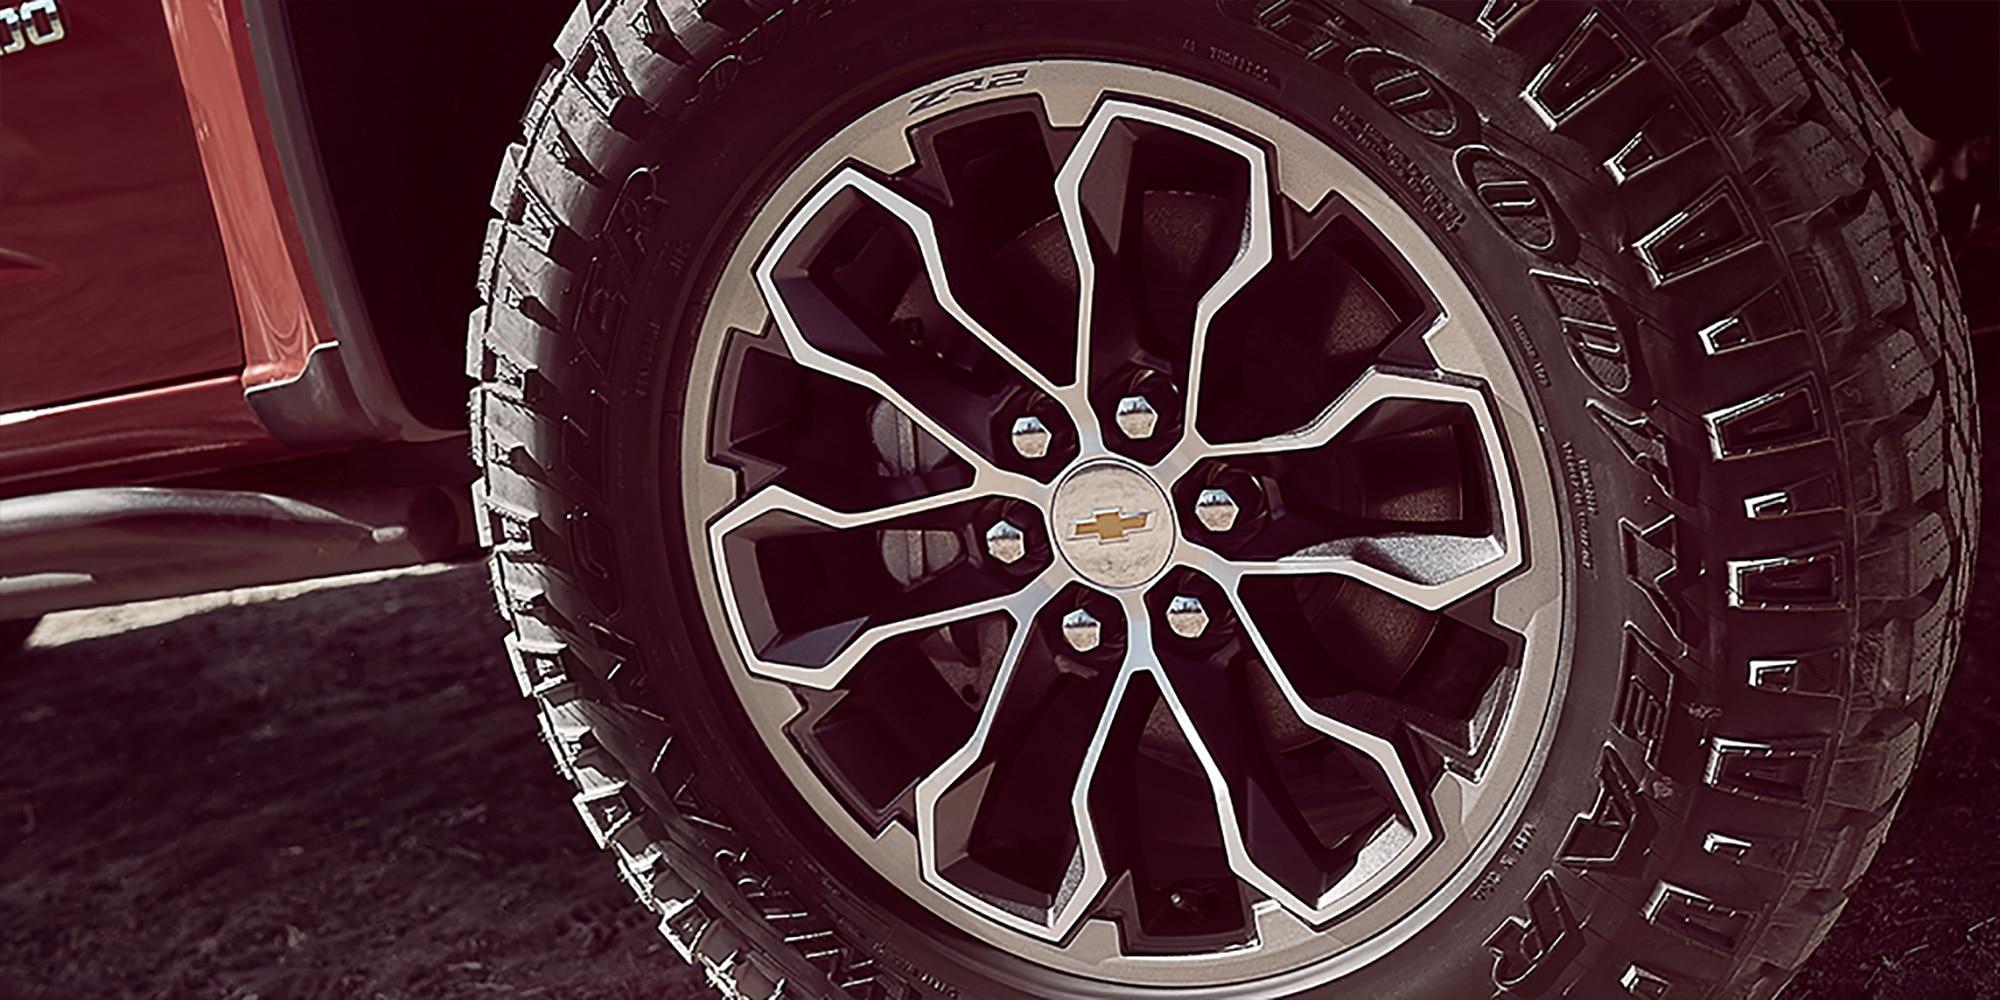 Diseño de la camioneta todo terreno Colorado ZR2 2019: Rines de 17 pulgadas